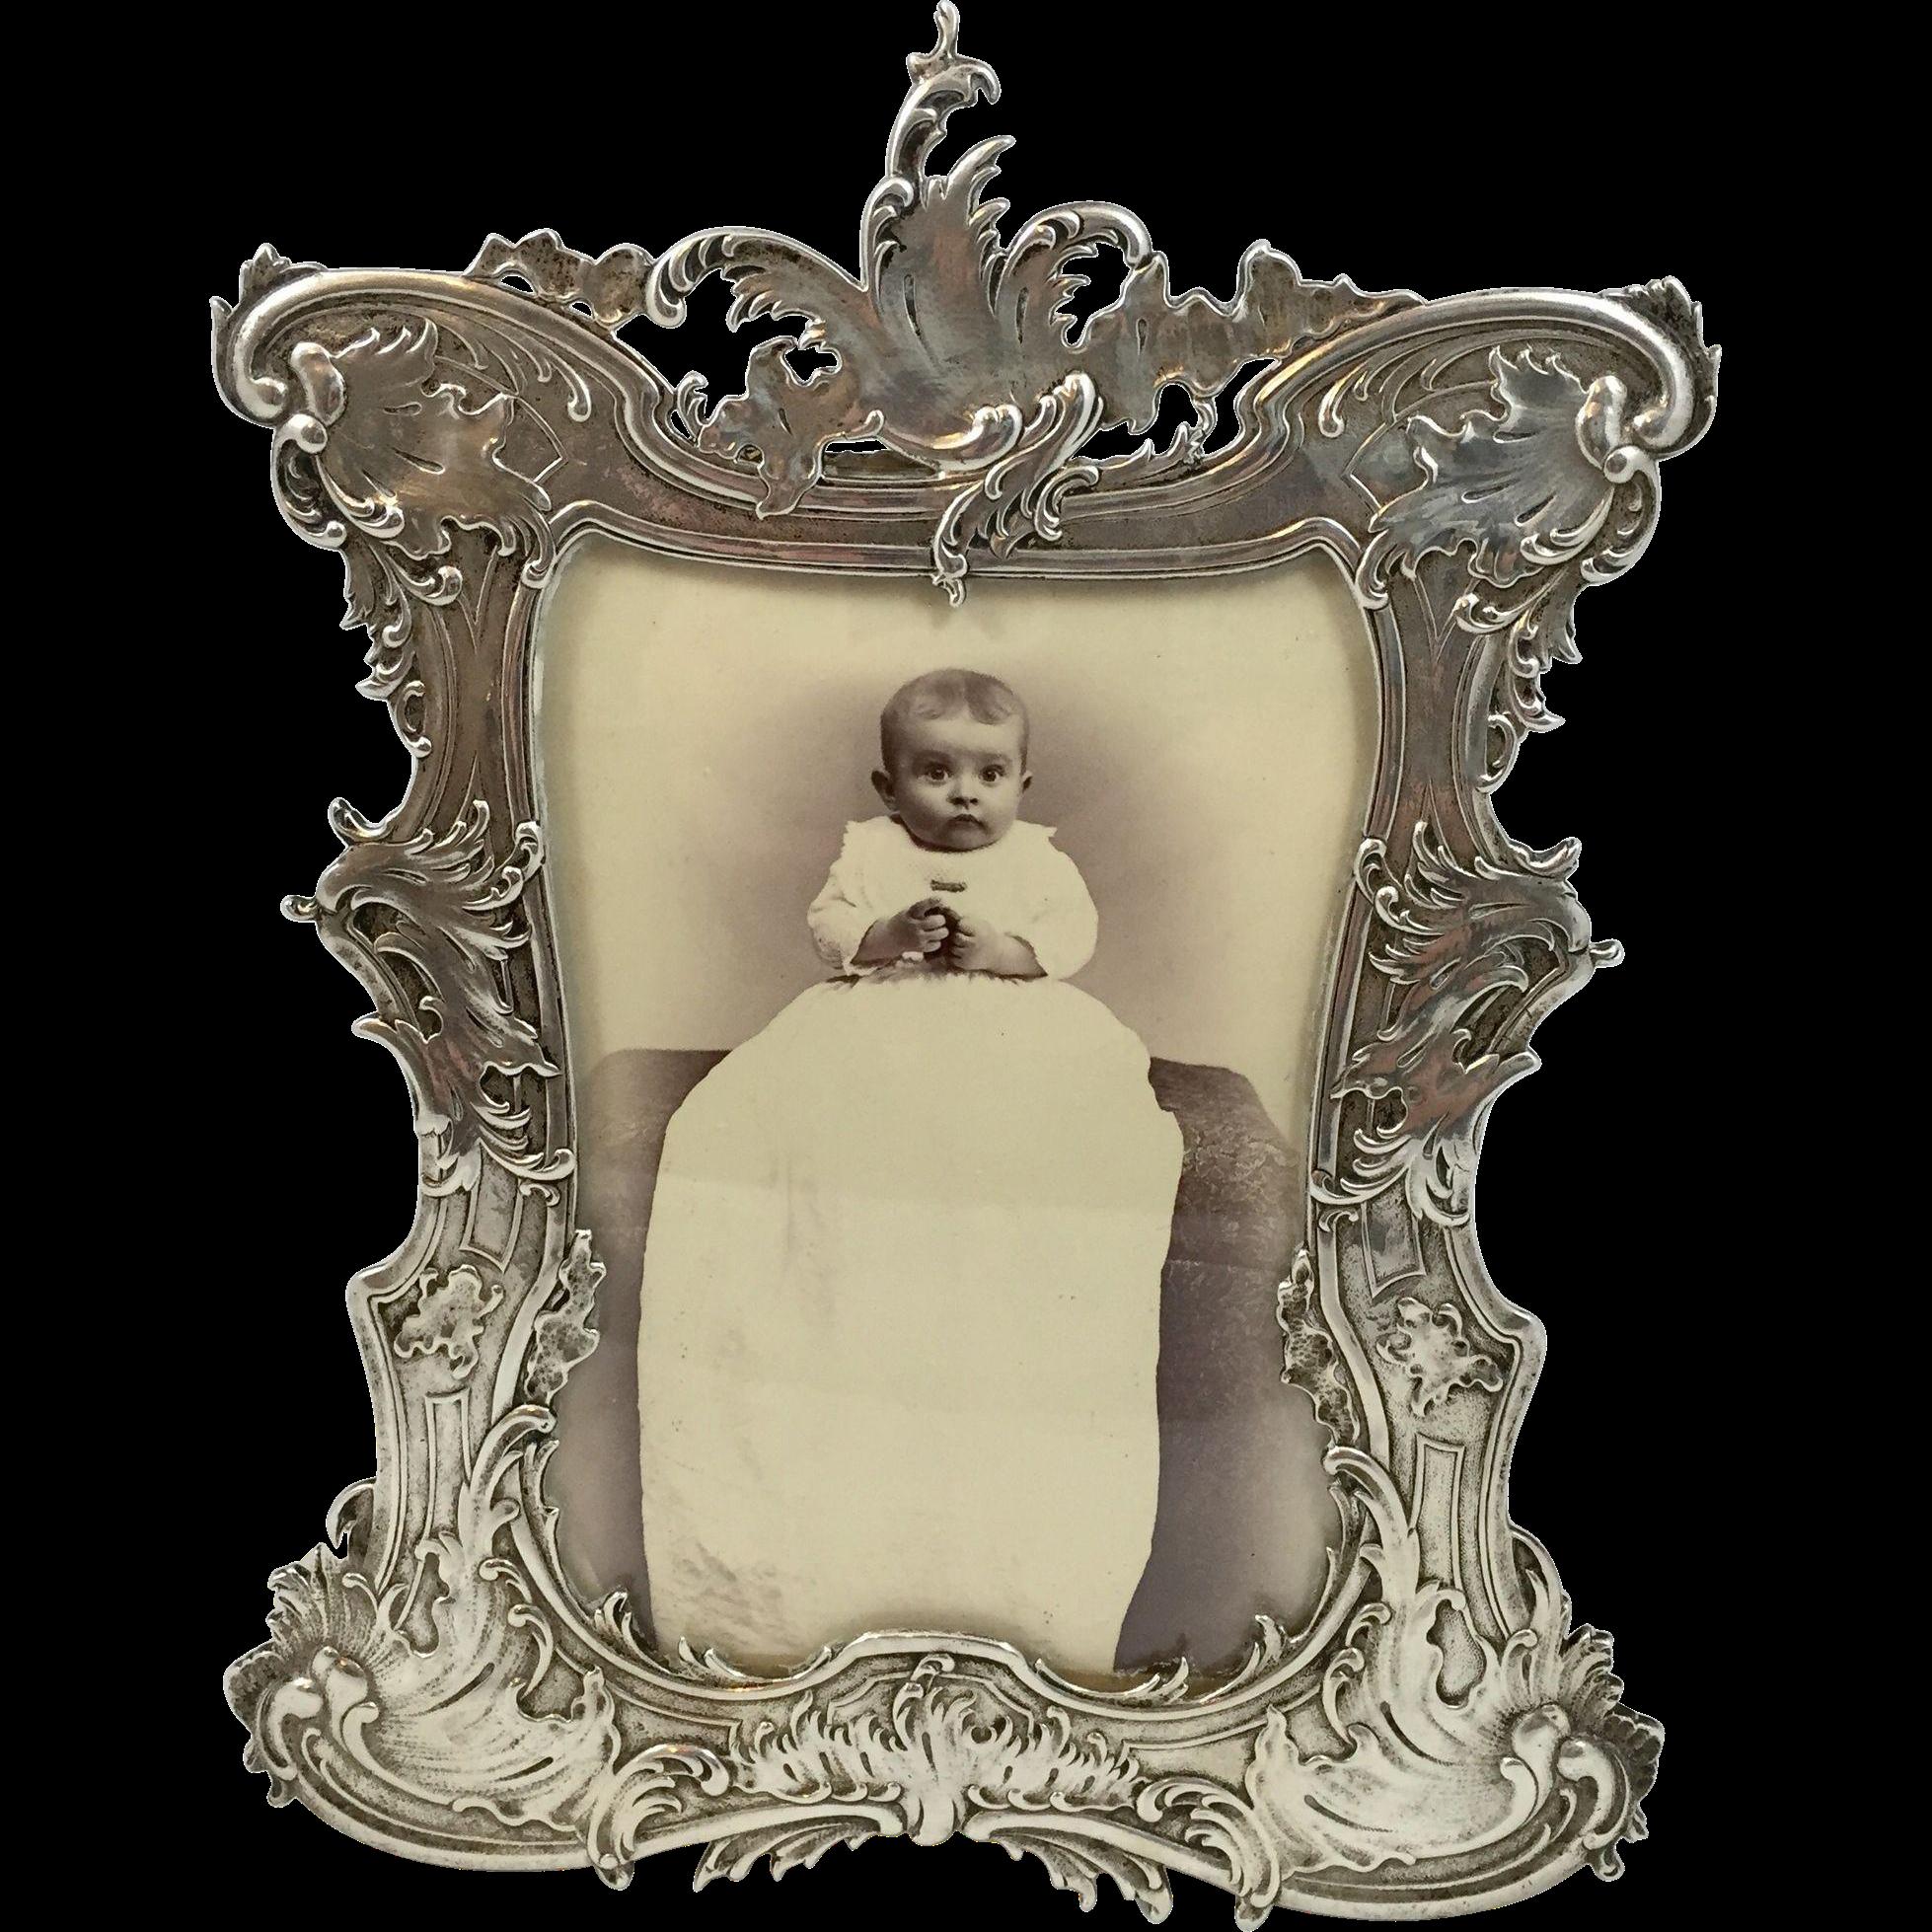 ornate gorham sterling frame 4x5 5 frame antique picture frames frame decor ornate gorham sterling frame 4x5 5